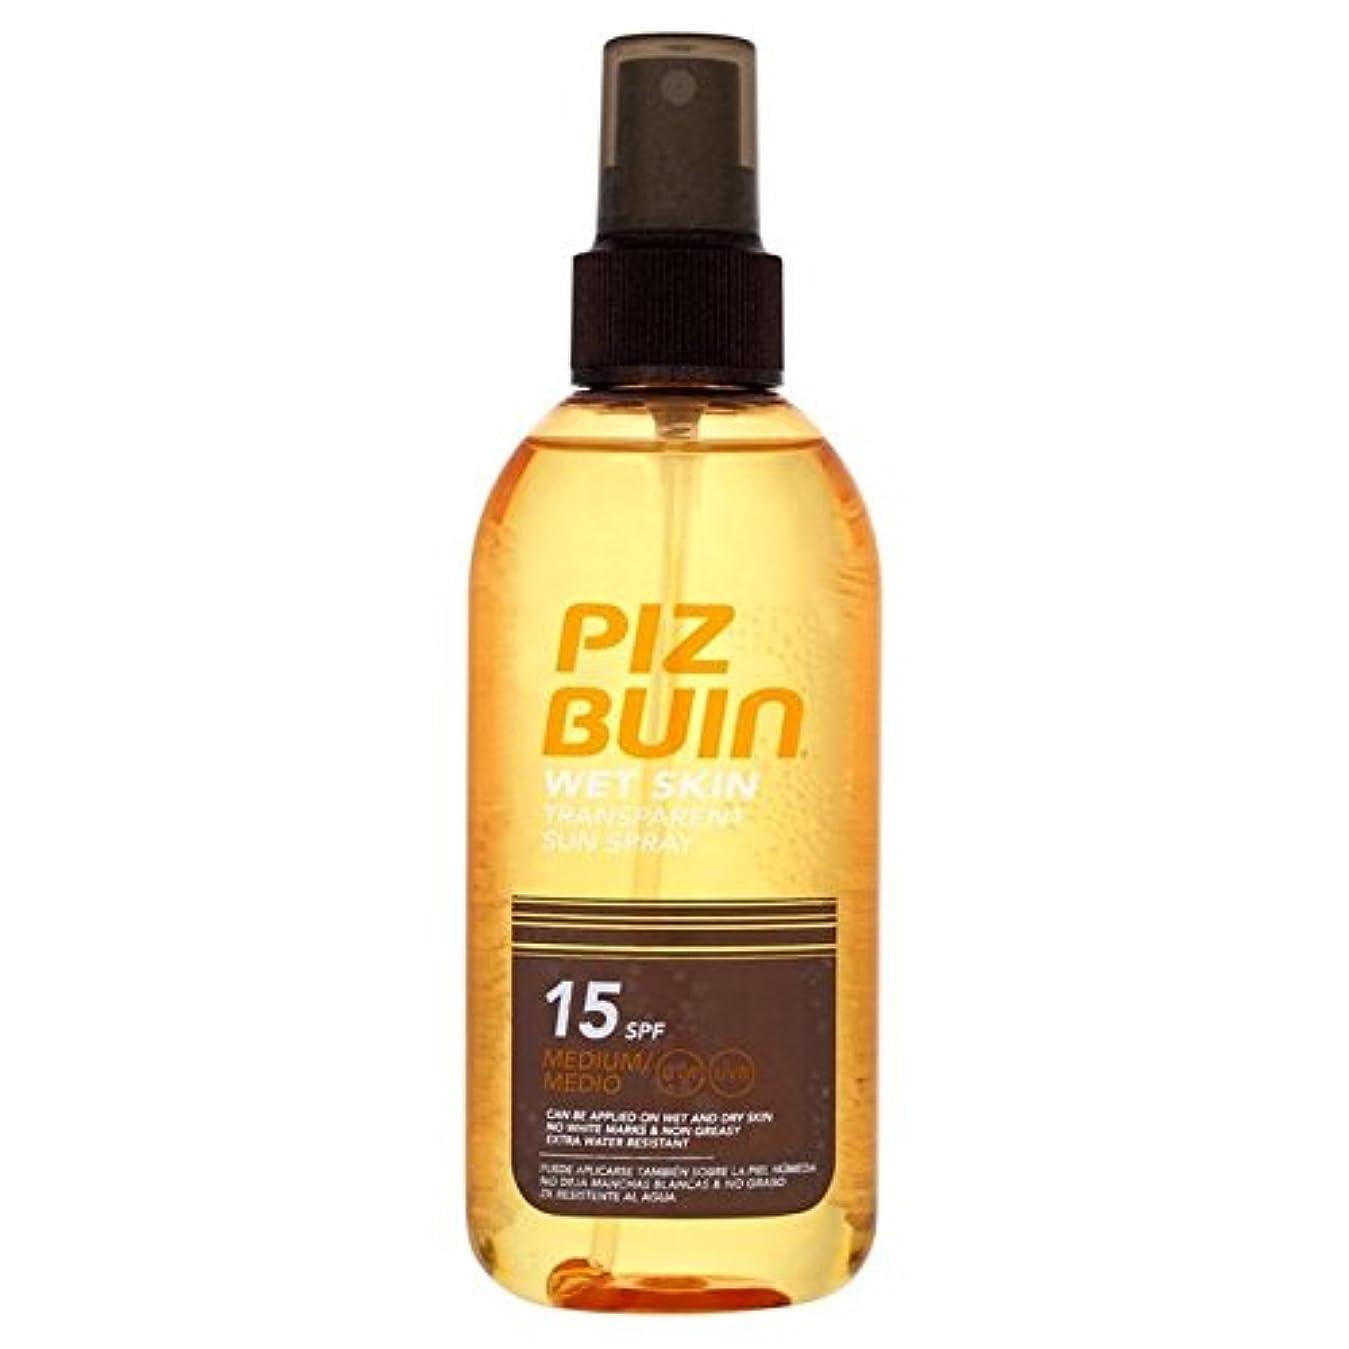 ナラーバーパラダイス郵便局ピッツブーインの湿った透明肌15の150ミリリットル x2 - Piz Buin Wet Transparent Skin SPF15 150ml (Pack of 2) [並行輸入品]